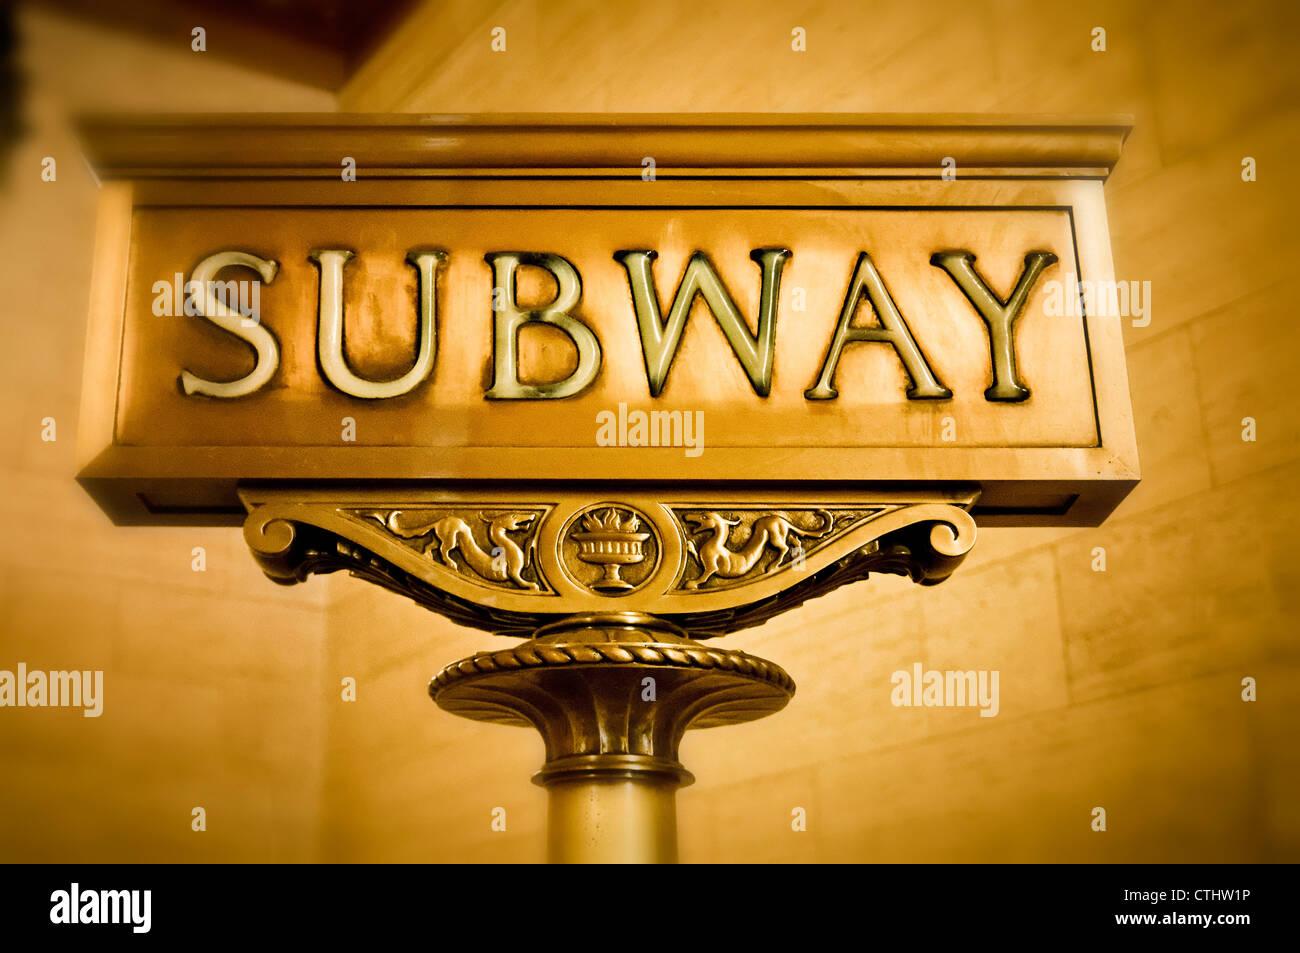 New York Subway Sign Stock Photos & New York Subway Sign Stock ...